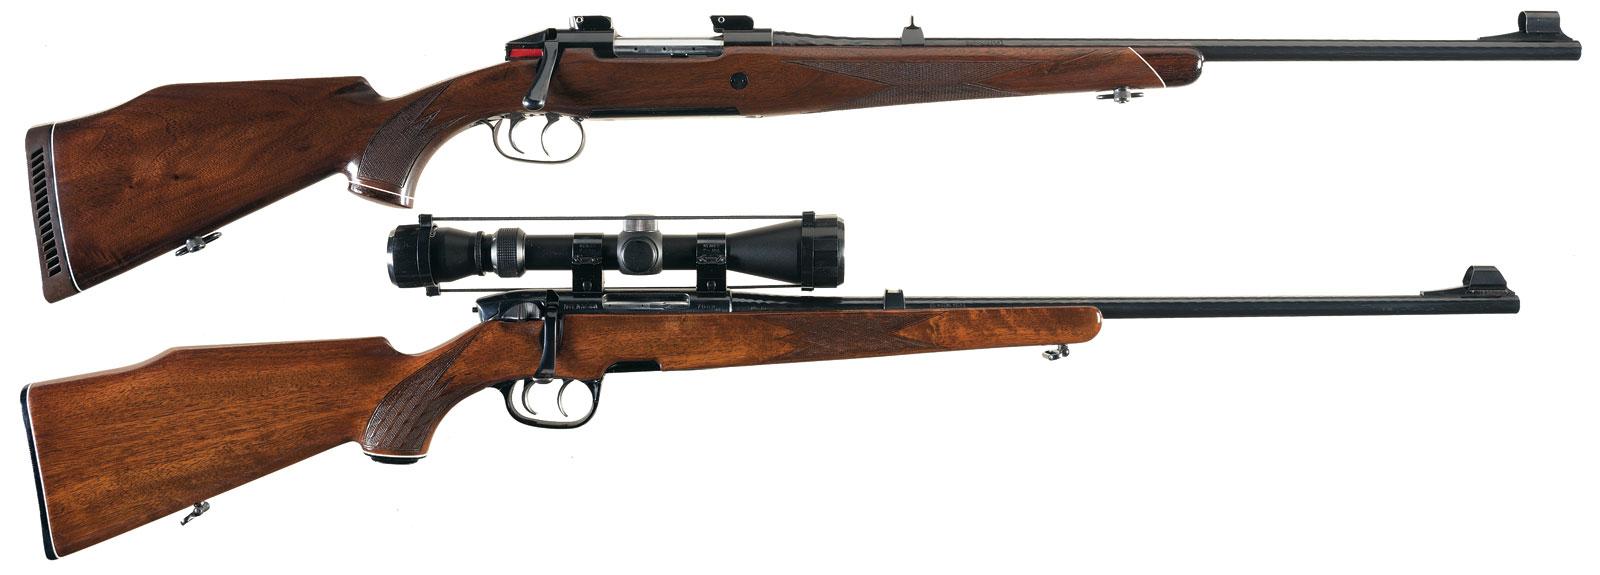 Mannlicher Schönauer Steyr Mannlicher sporting rifles